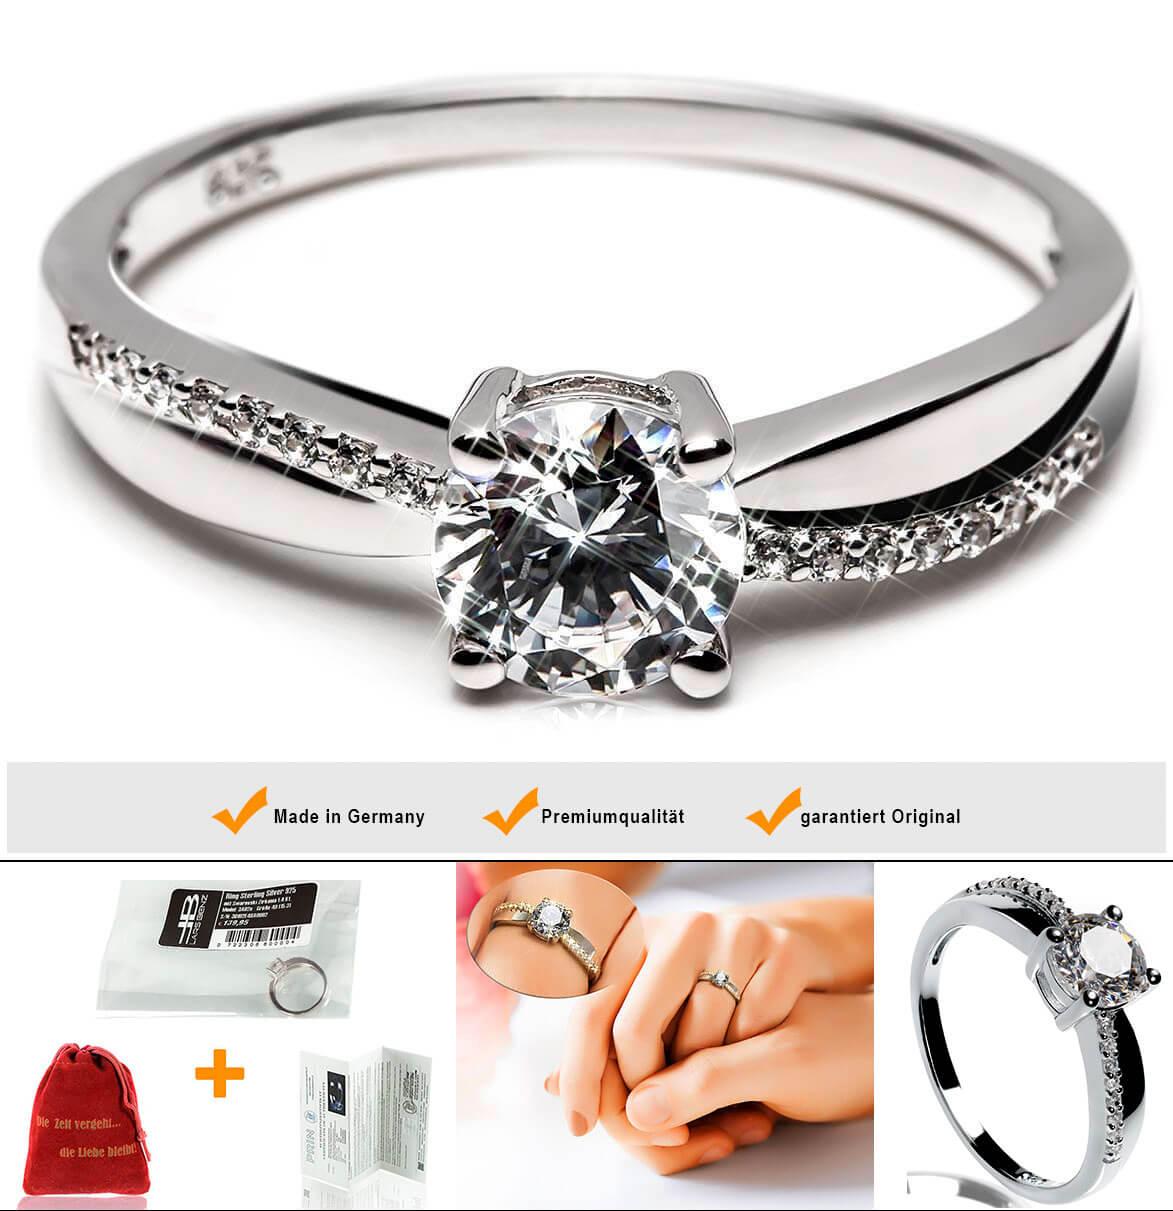 Luxus Verlobungsring Solitrring 925 Silber mit SWAROVSKI